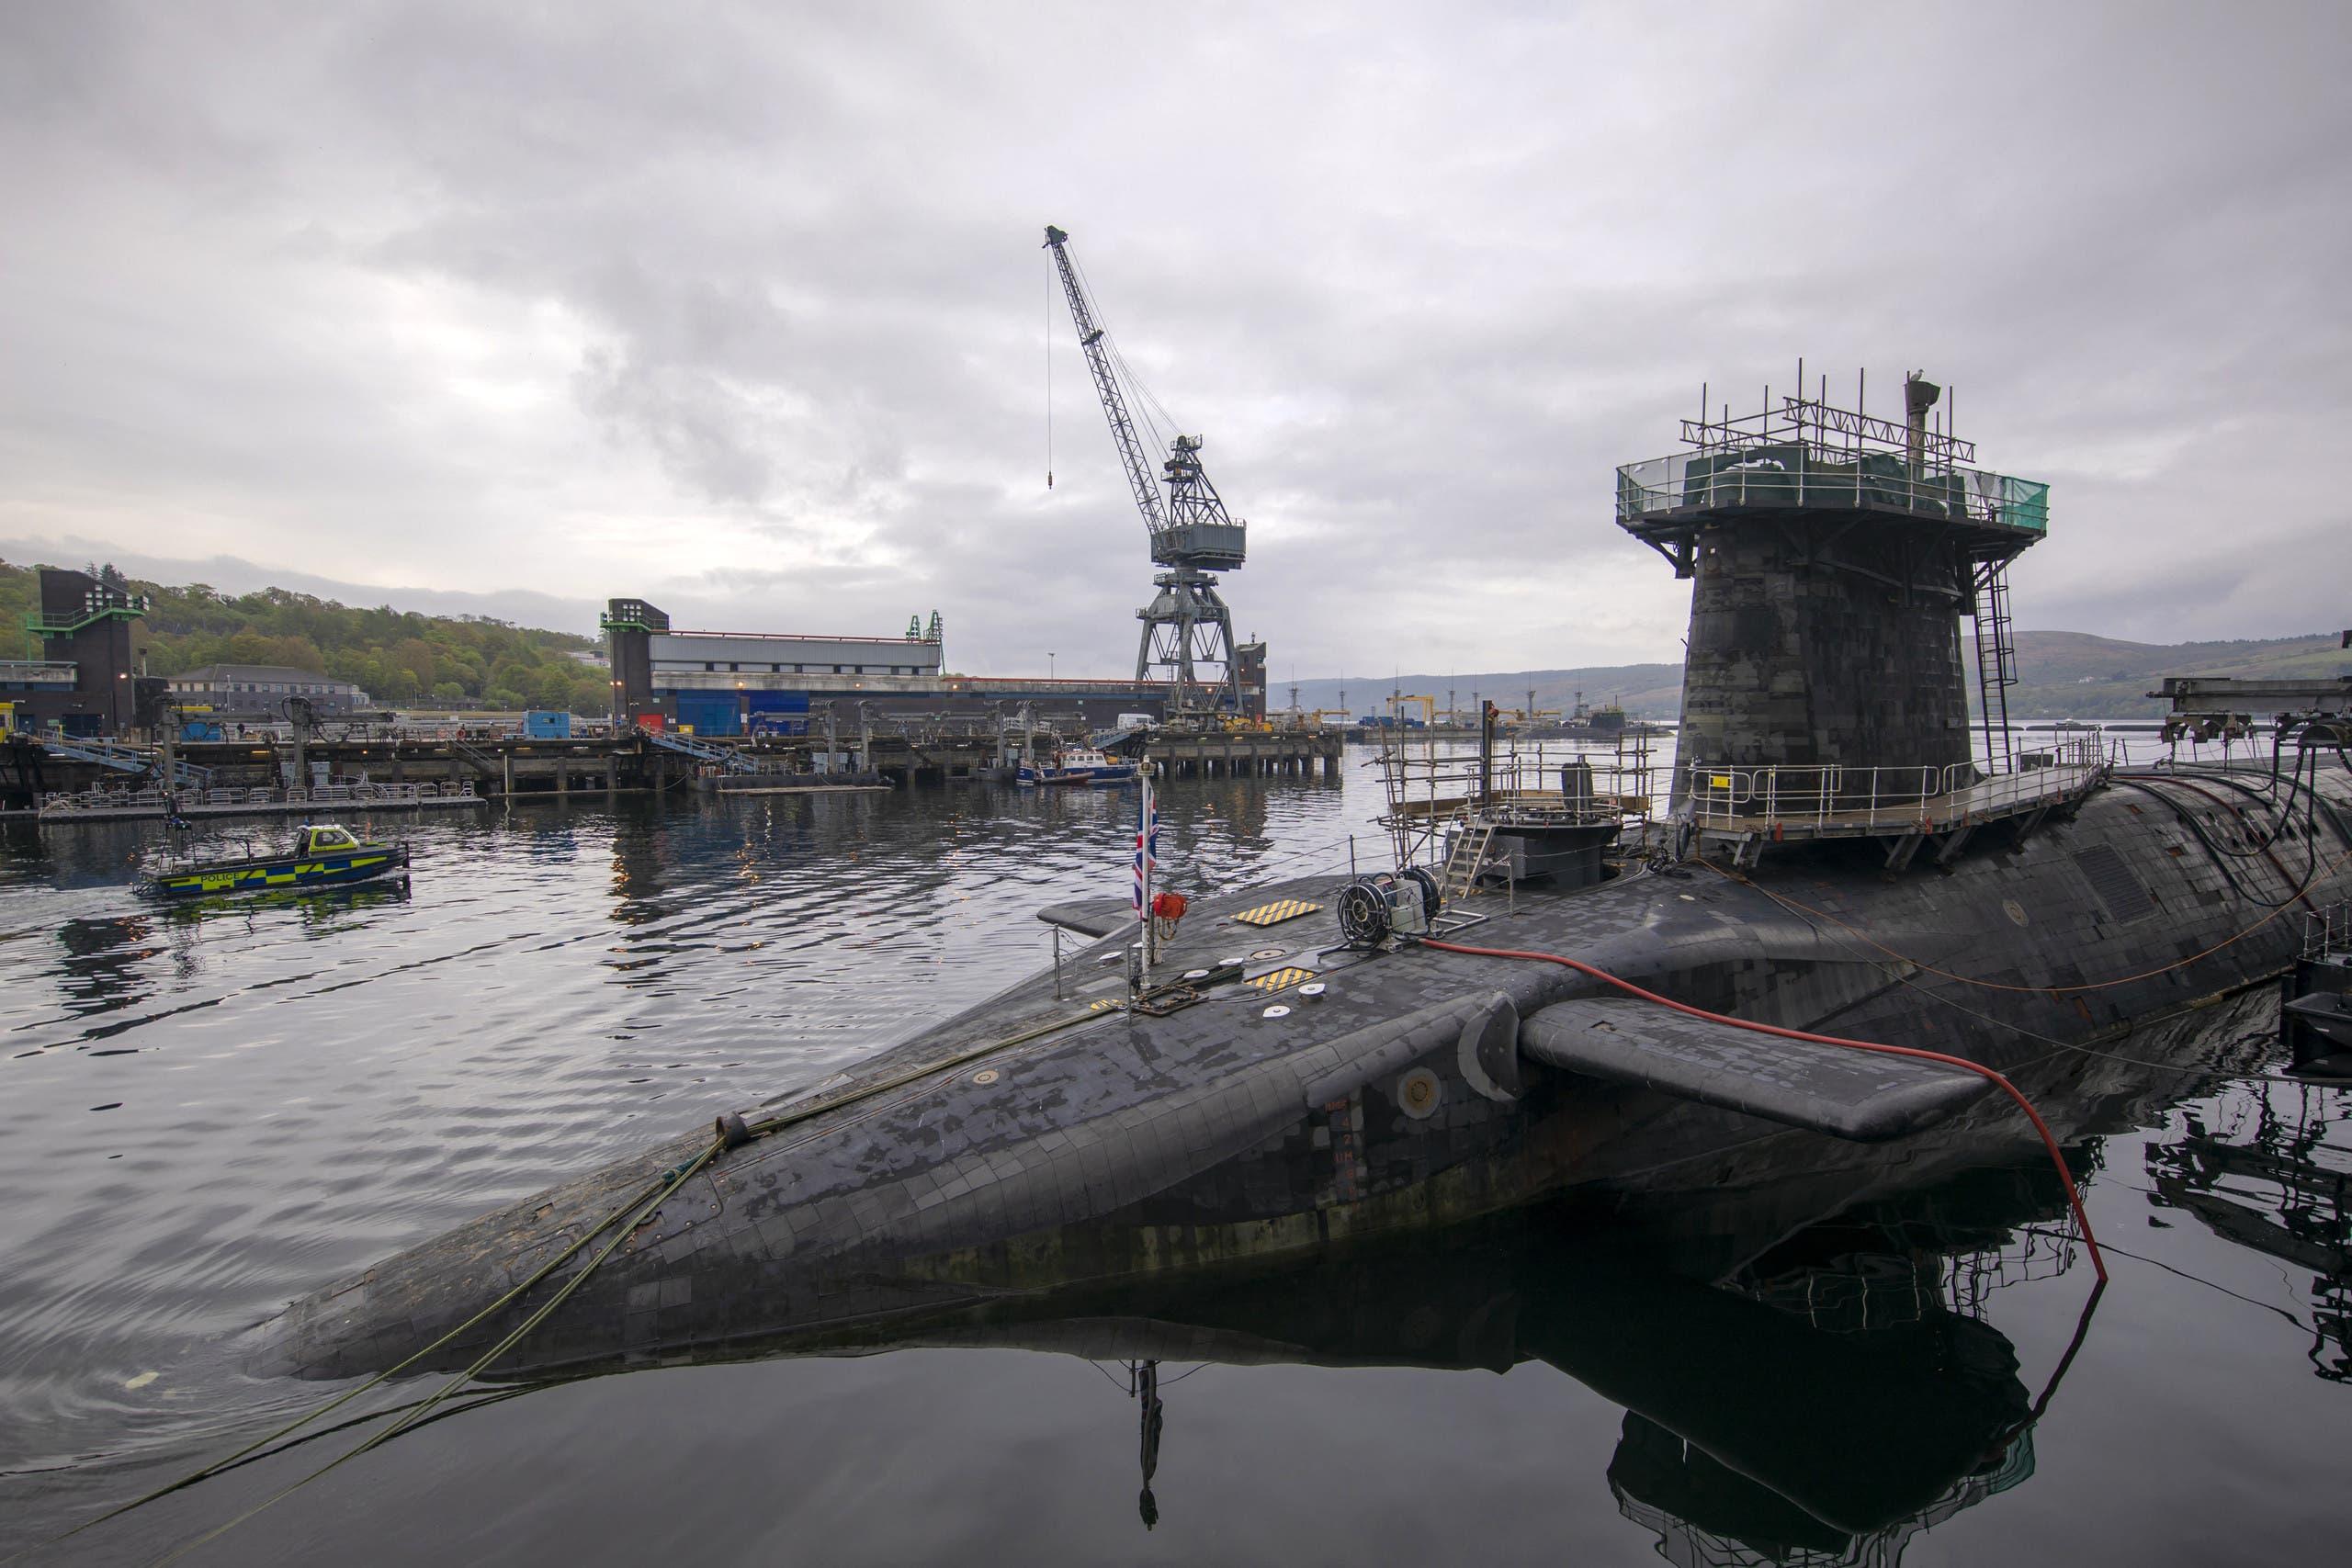 غواصة بريطانية تحمل رأساً حربية نووية في اسكتلندا